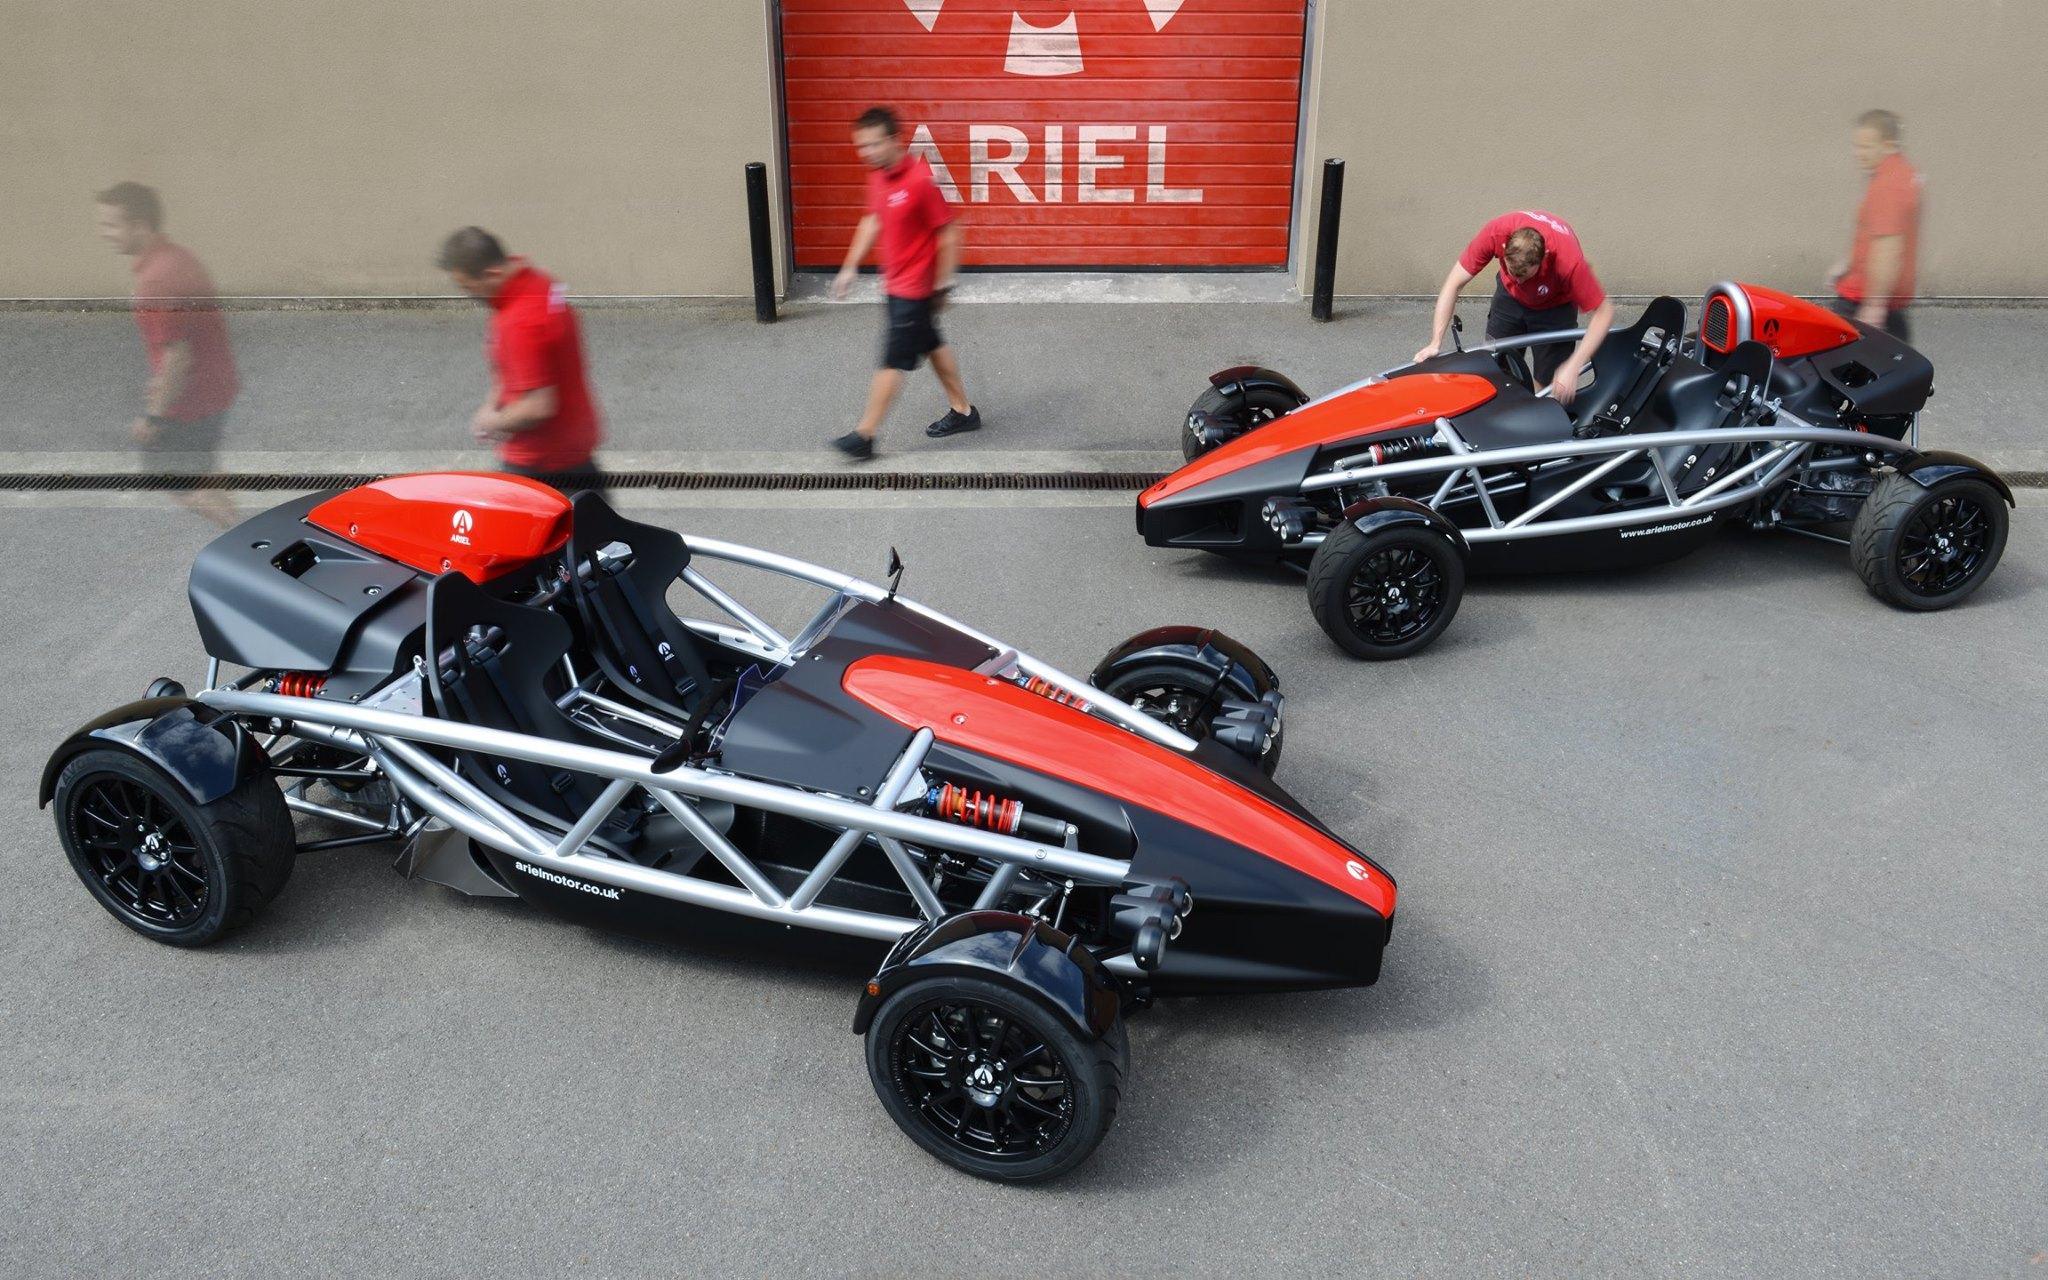 Ariel Motor Company официально анонсировали свой Ariel Atom 4, который скоро пойдет в производство.